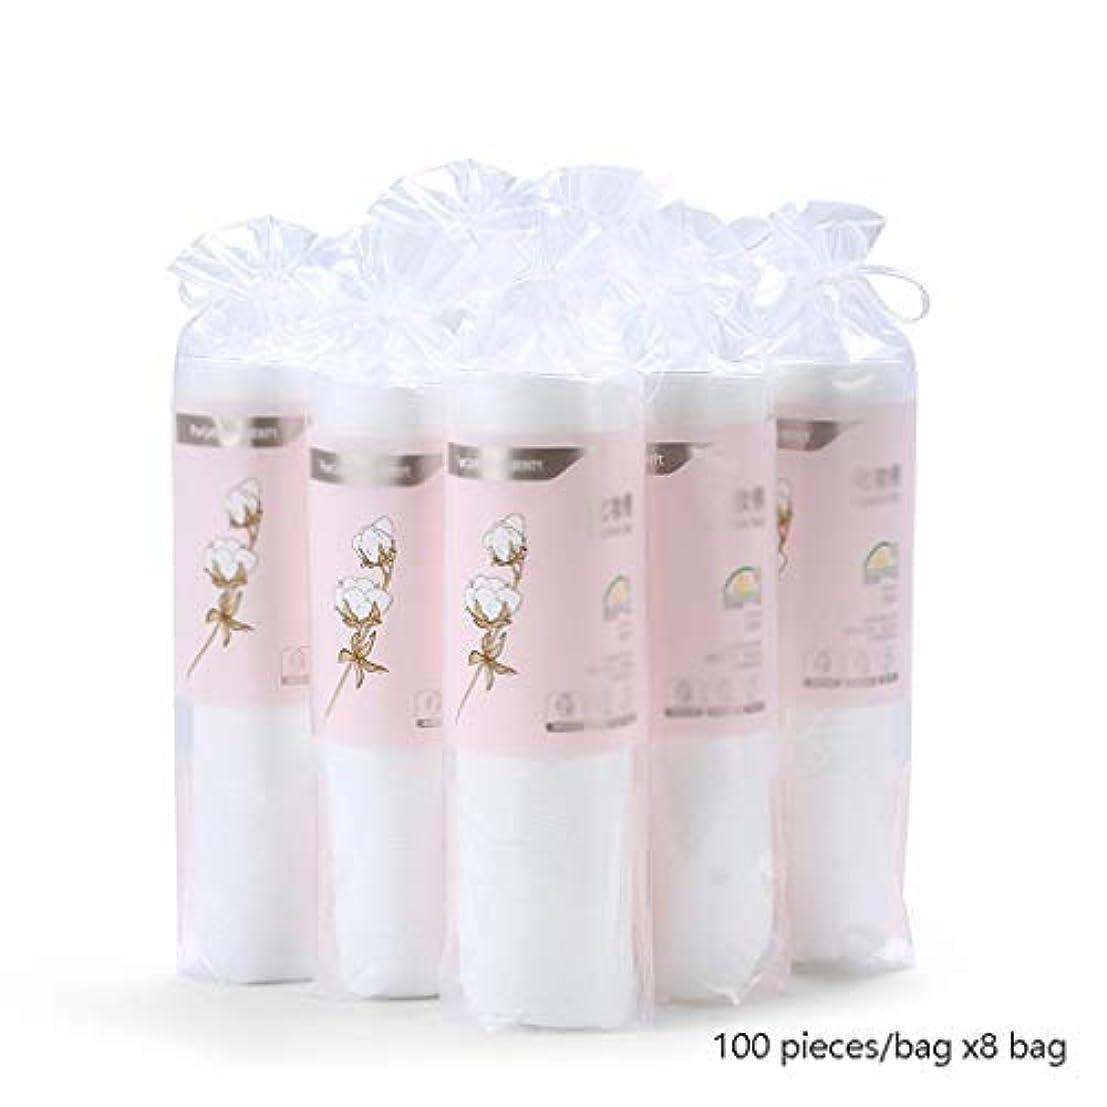 敵知覚するストリームクレンジングシート 100個/袋* 8袋ラウンドコットンコットンメイク落としコットン厚手両面コットンパッド (Color : White)